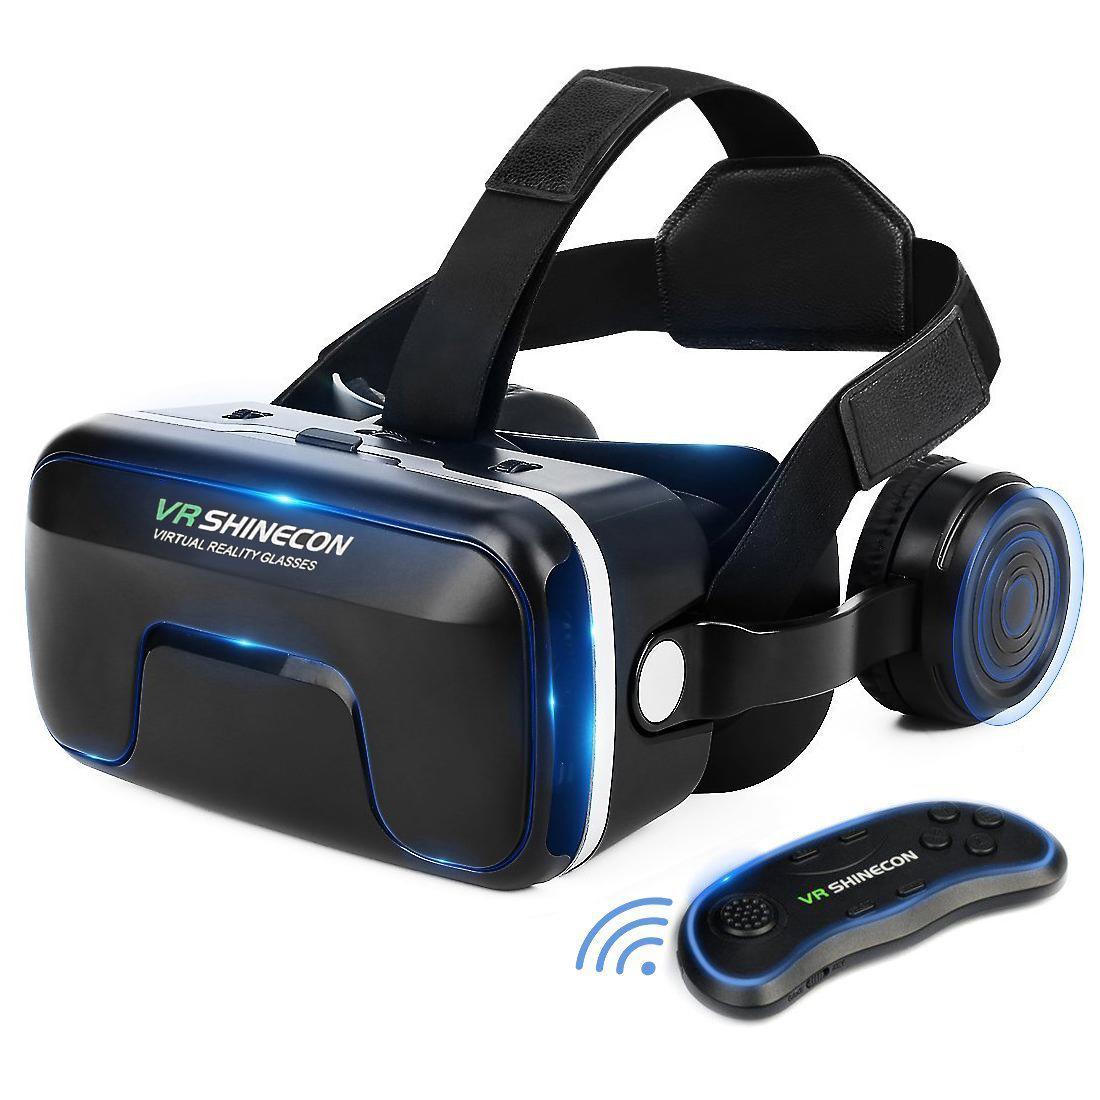 bb7fd9c89af ETVR 3D VR Headset With Remote Controller